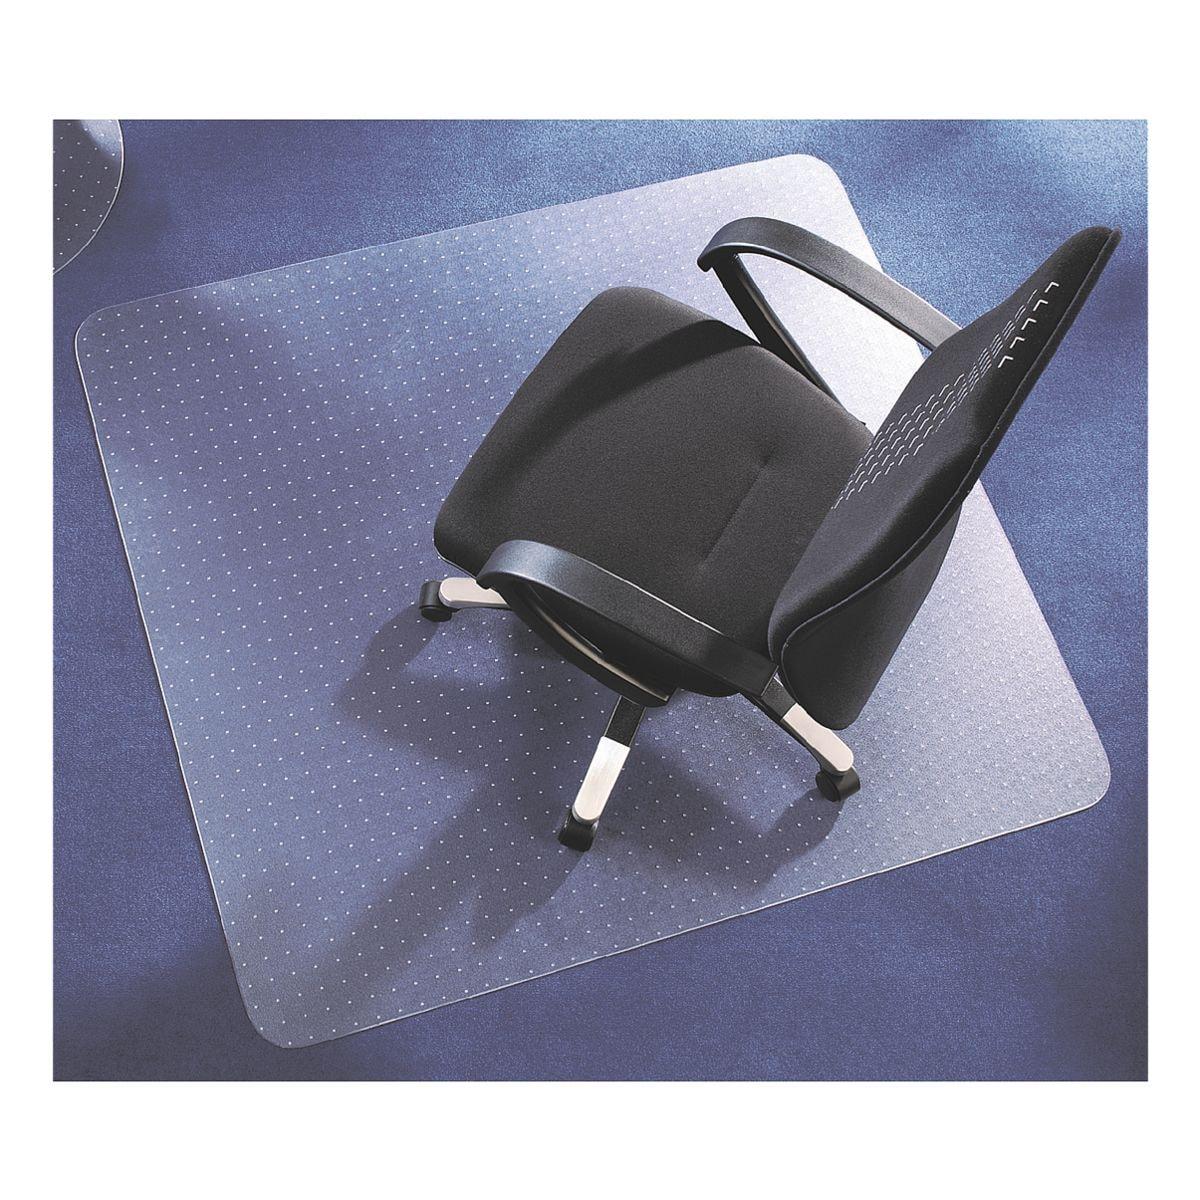 plaque protège-sol pour sols durs, polycarbonate, rectangulaire 120 x 150 cm, OTTO Office Standard